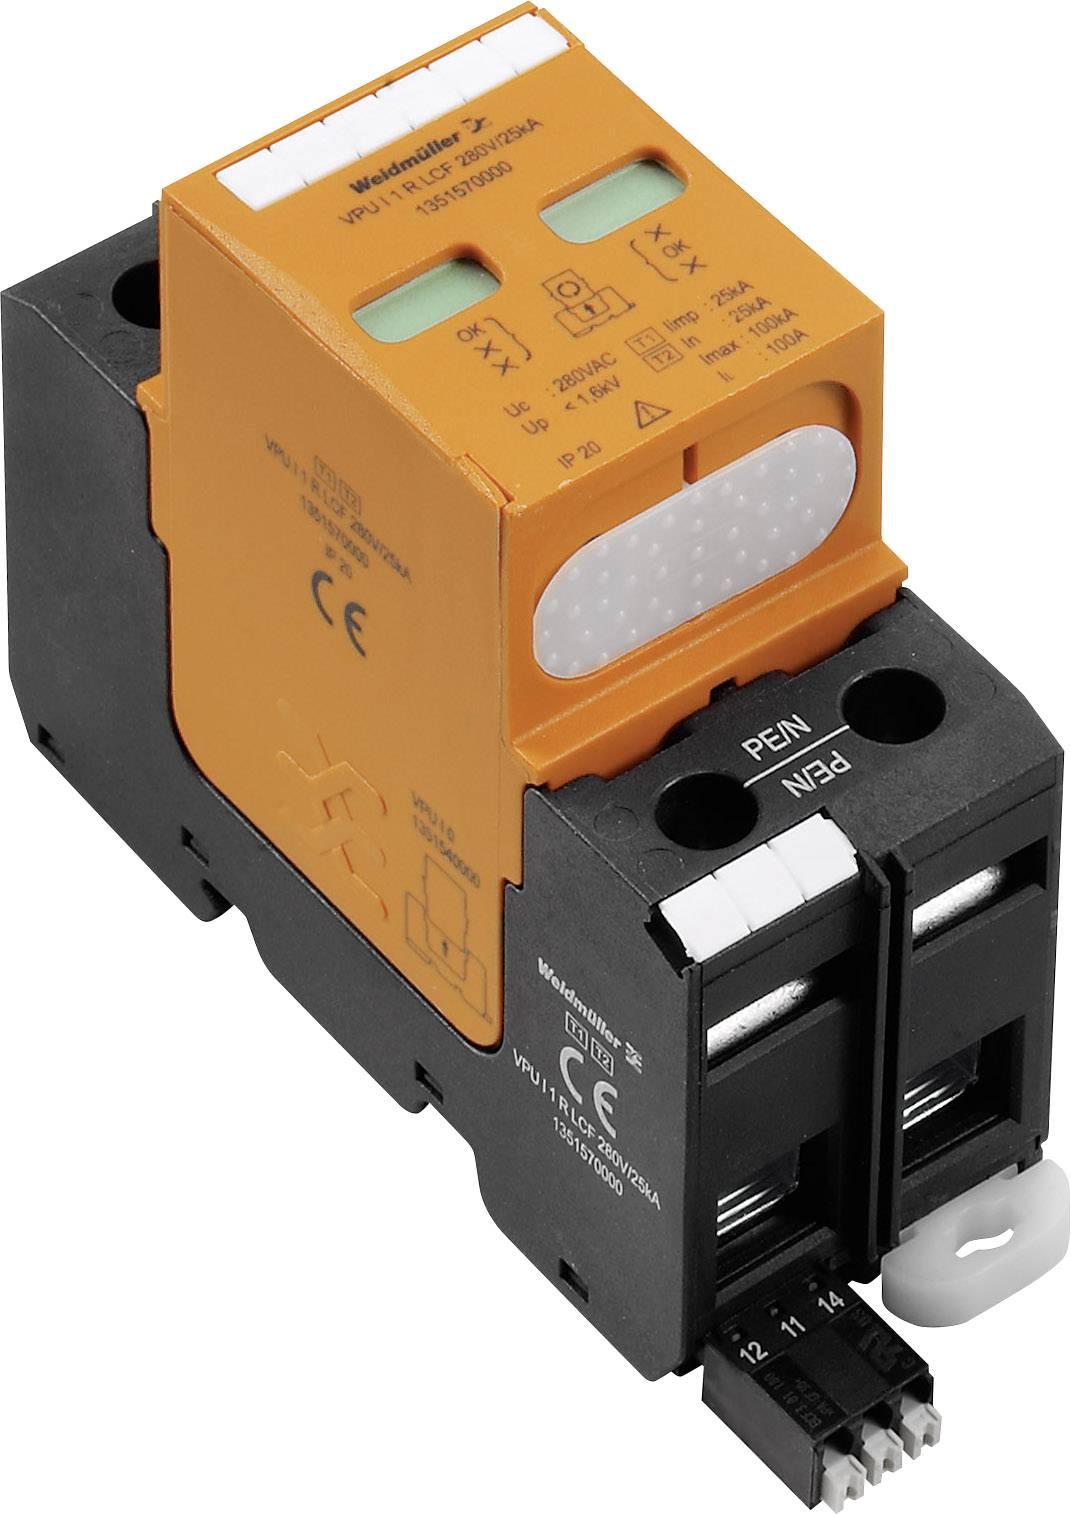 Zvodič pre prepäťovú ochranu Weidmüller VPU I 1 R LCF 280 V/25 KA 1351570000, 25 kA